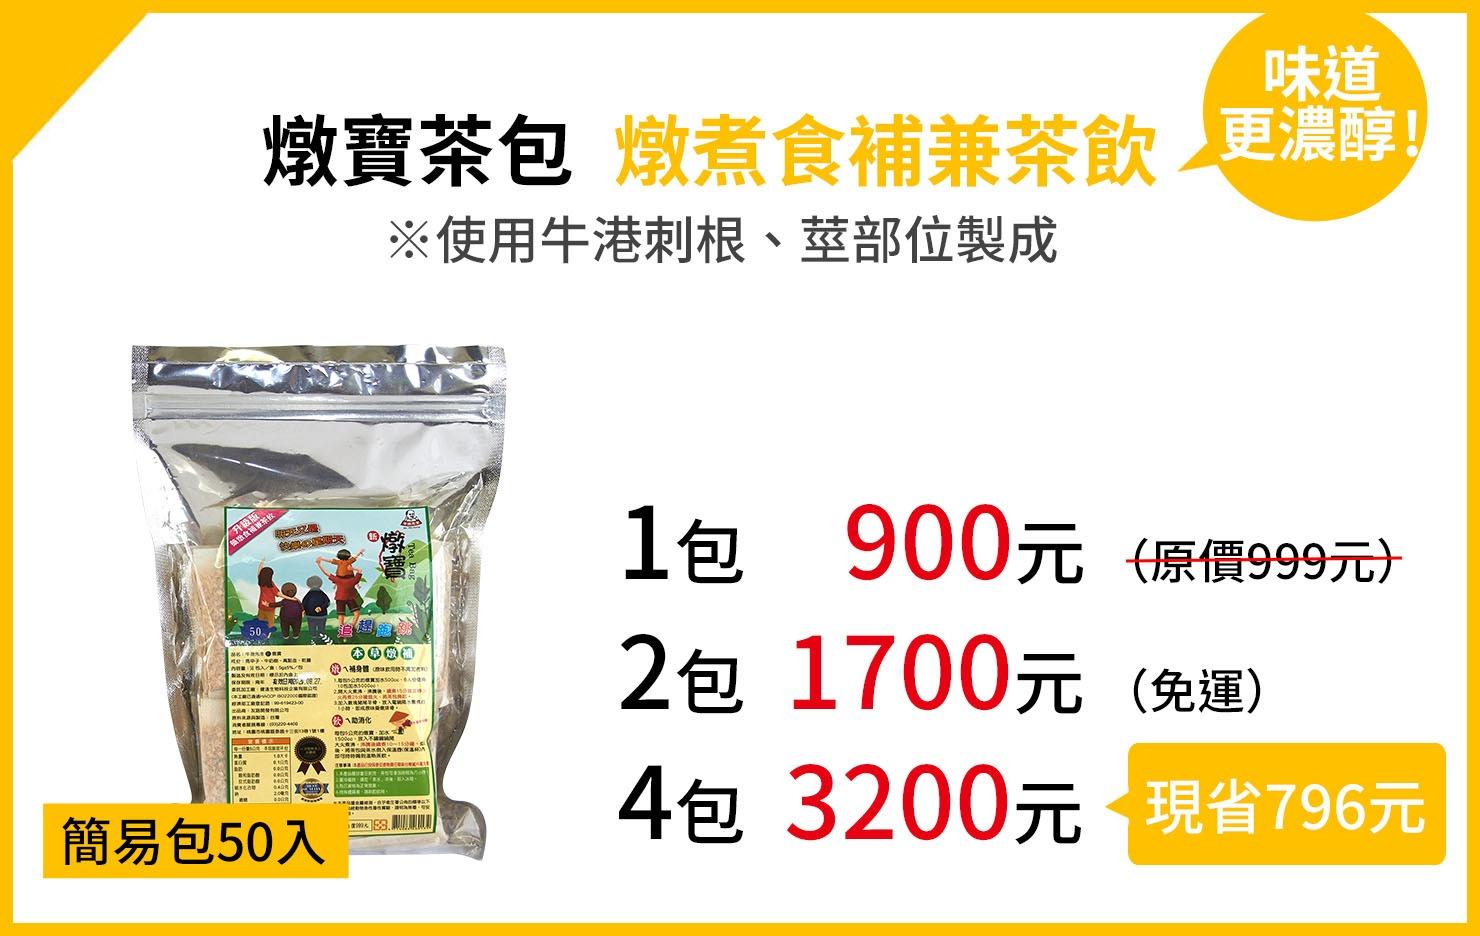 牛港刺燉寶煮包味道更濃更營養